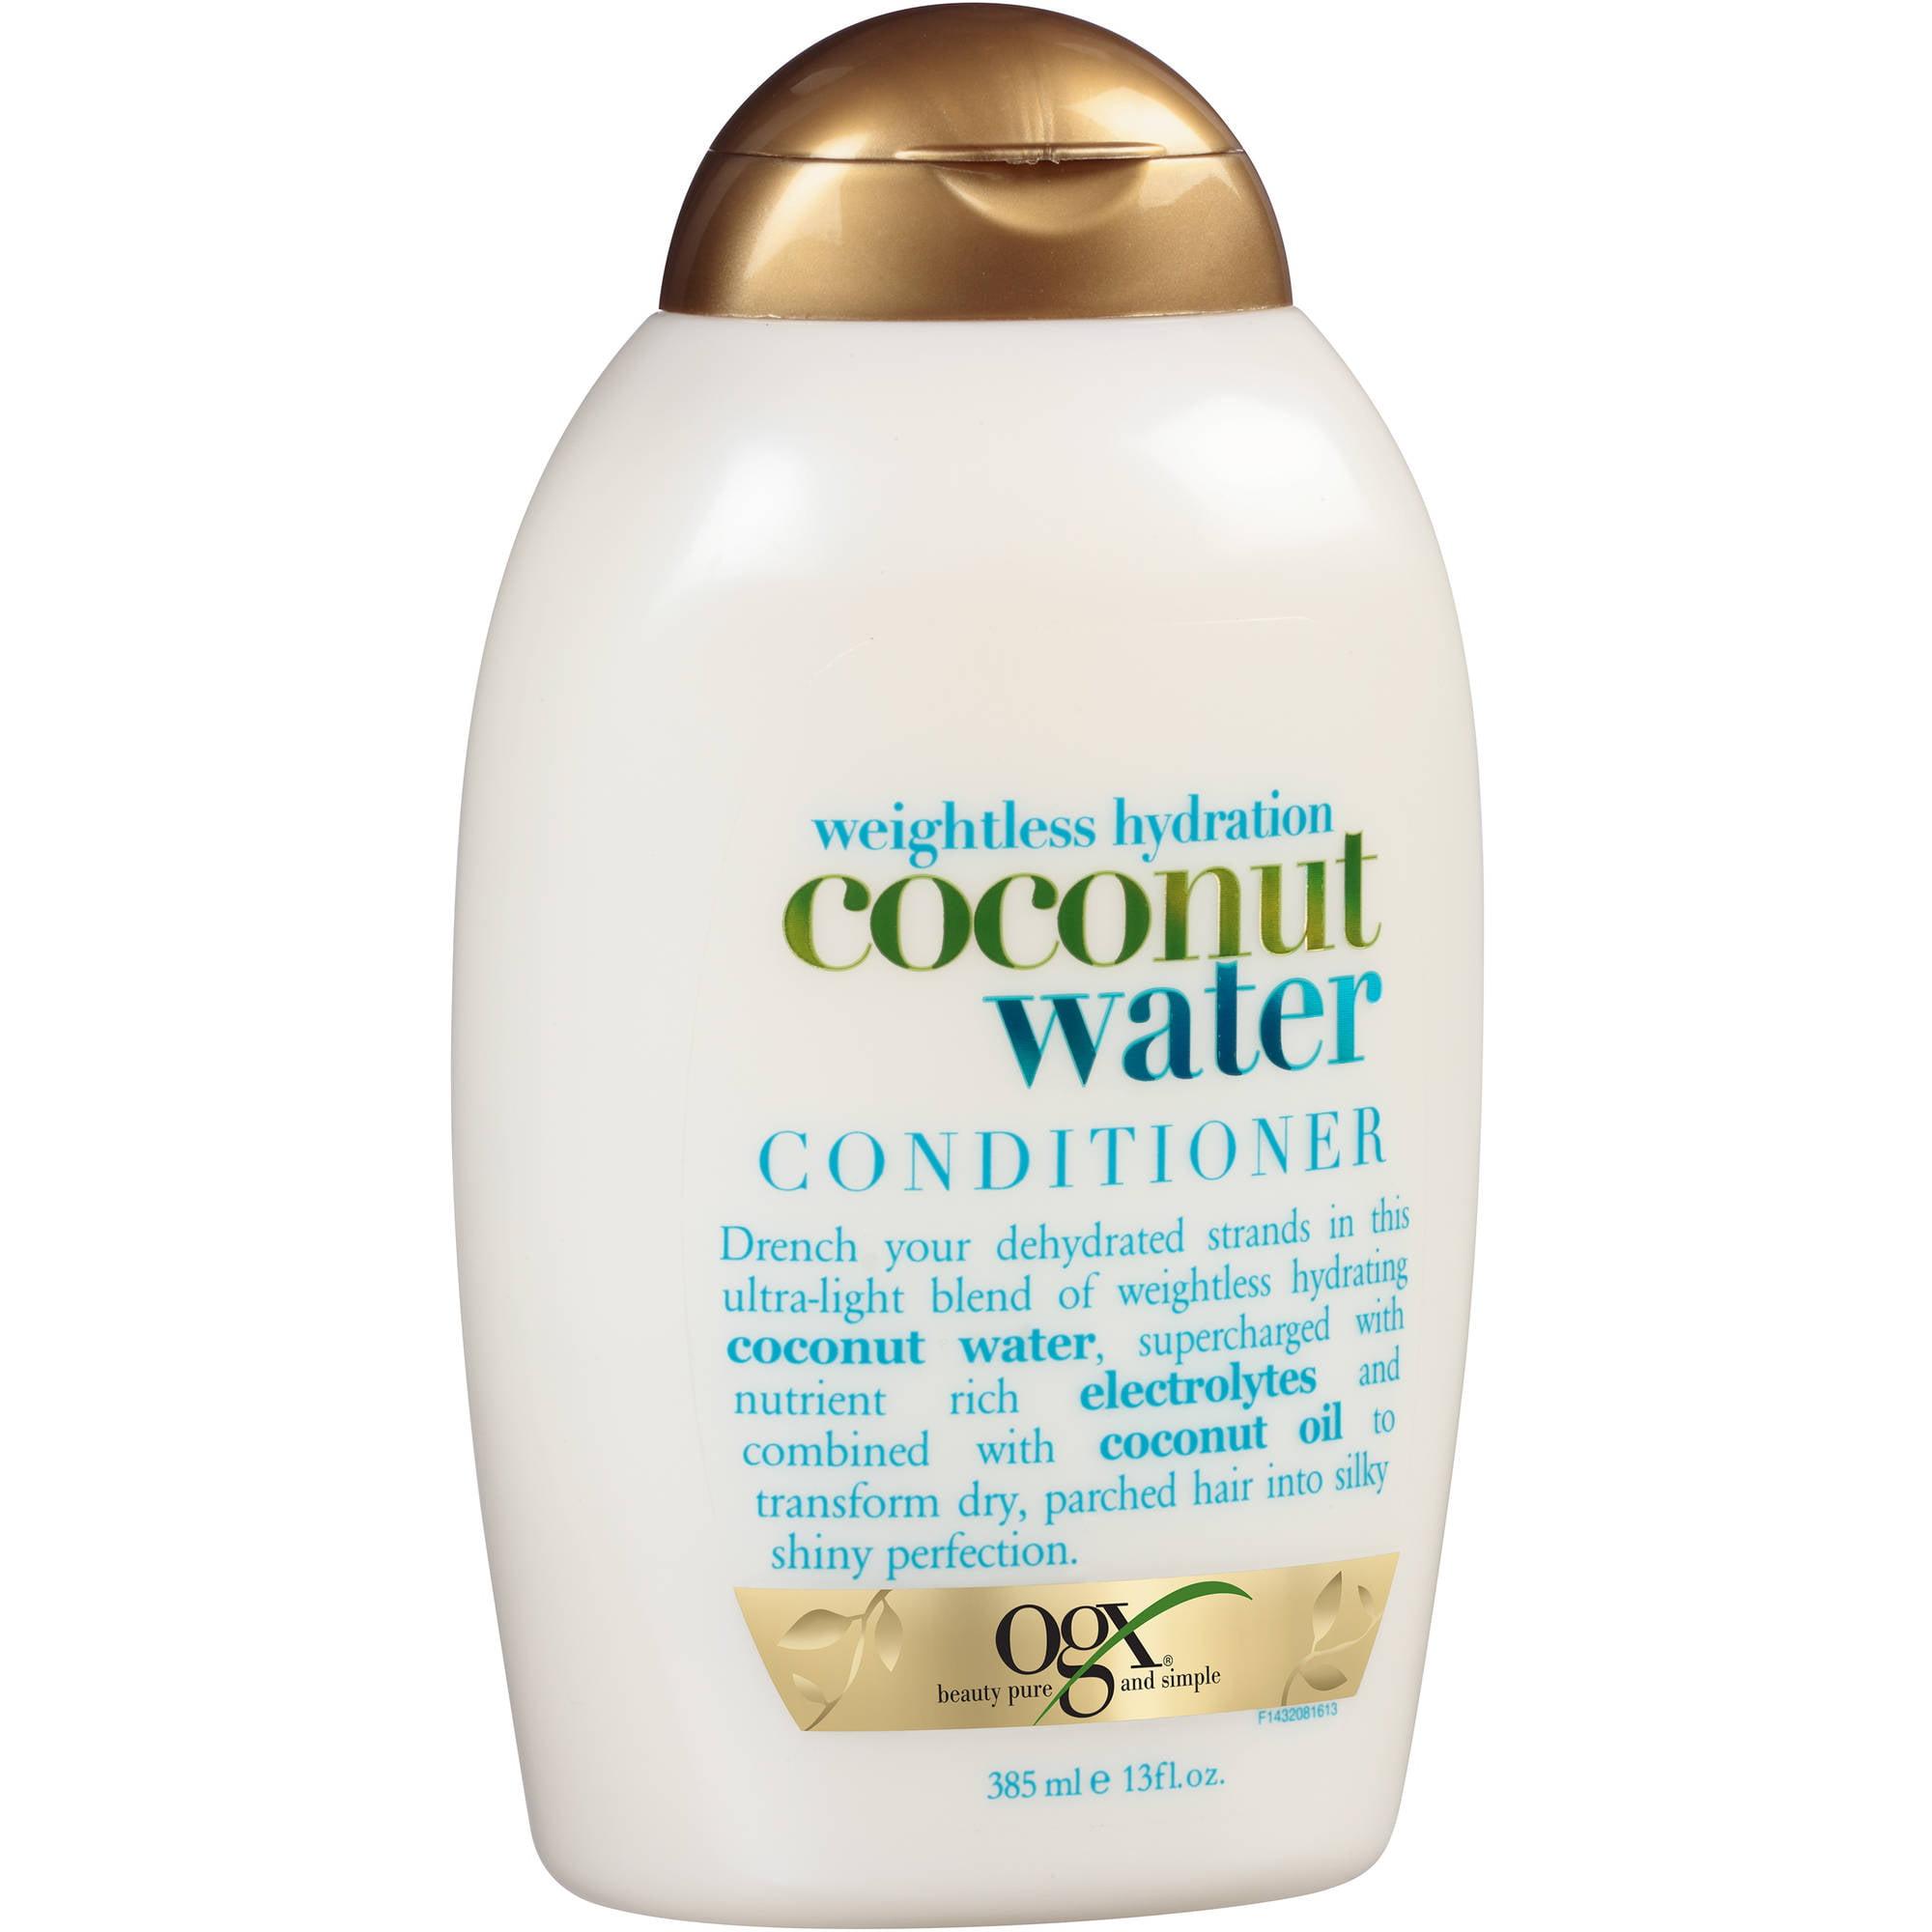 OGX Weightless Hydration Coconut Water Conditioner, 13 fl oz